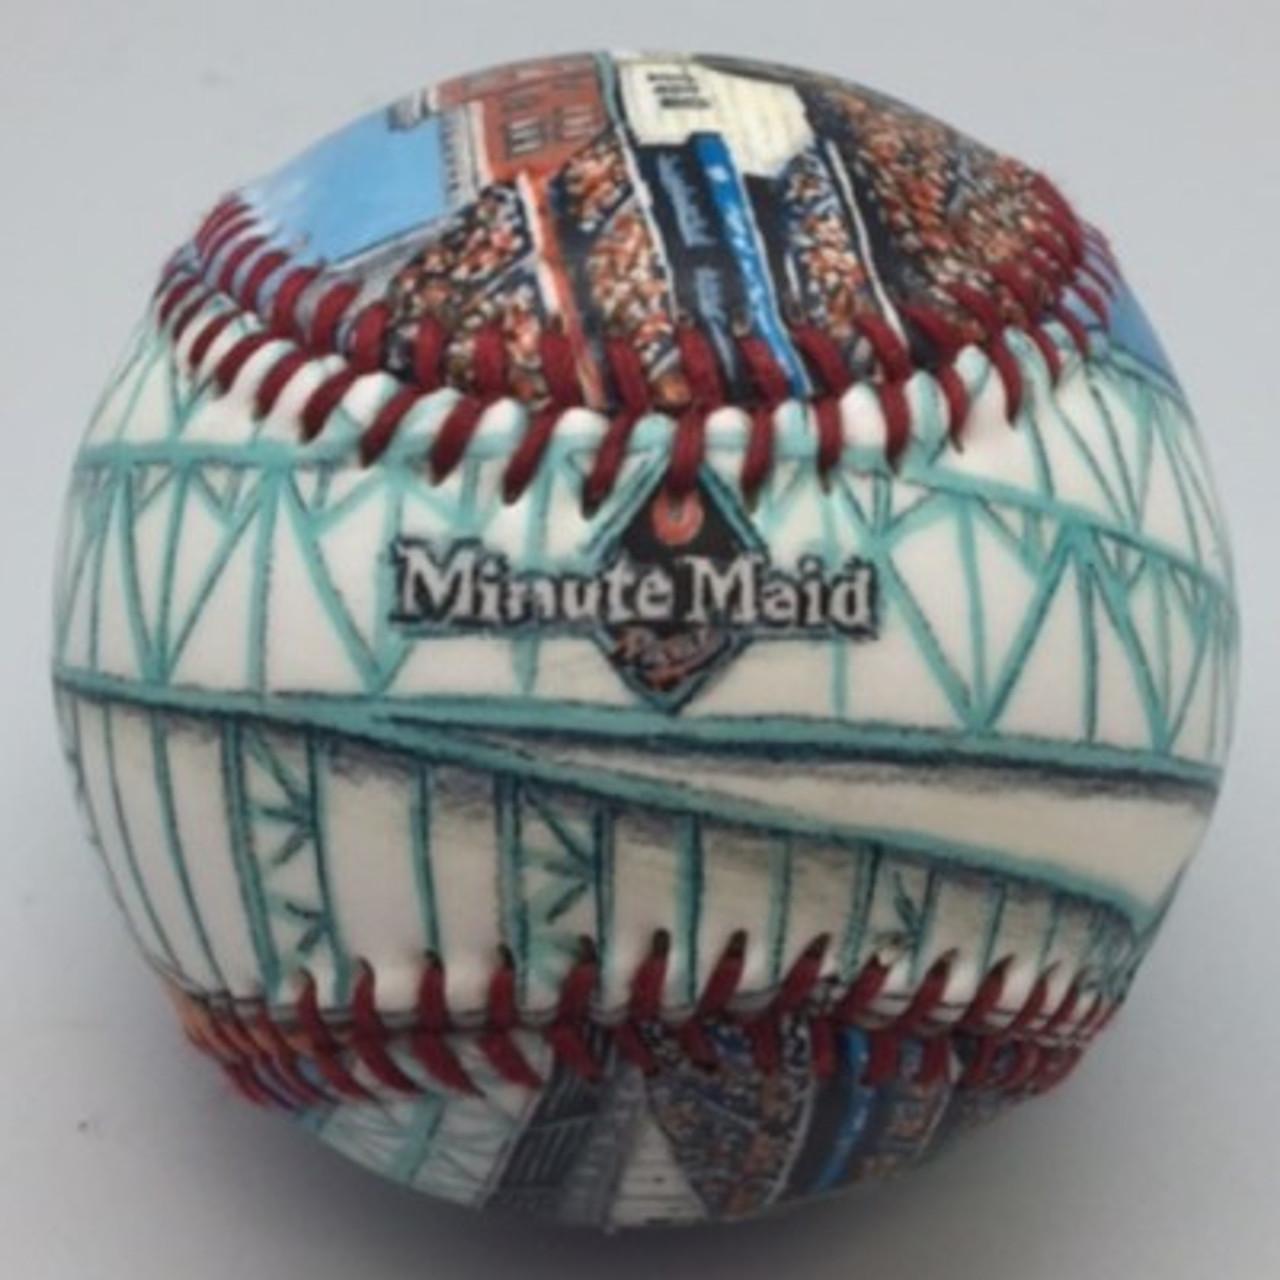 Minute Maid Park Stadium Baseball